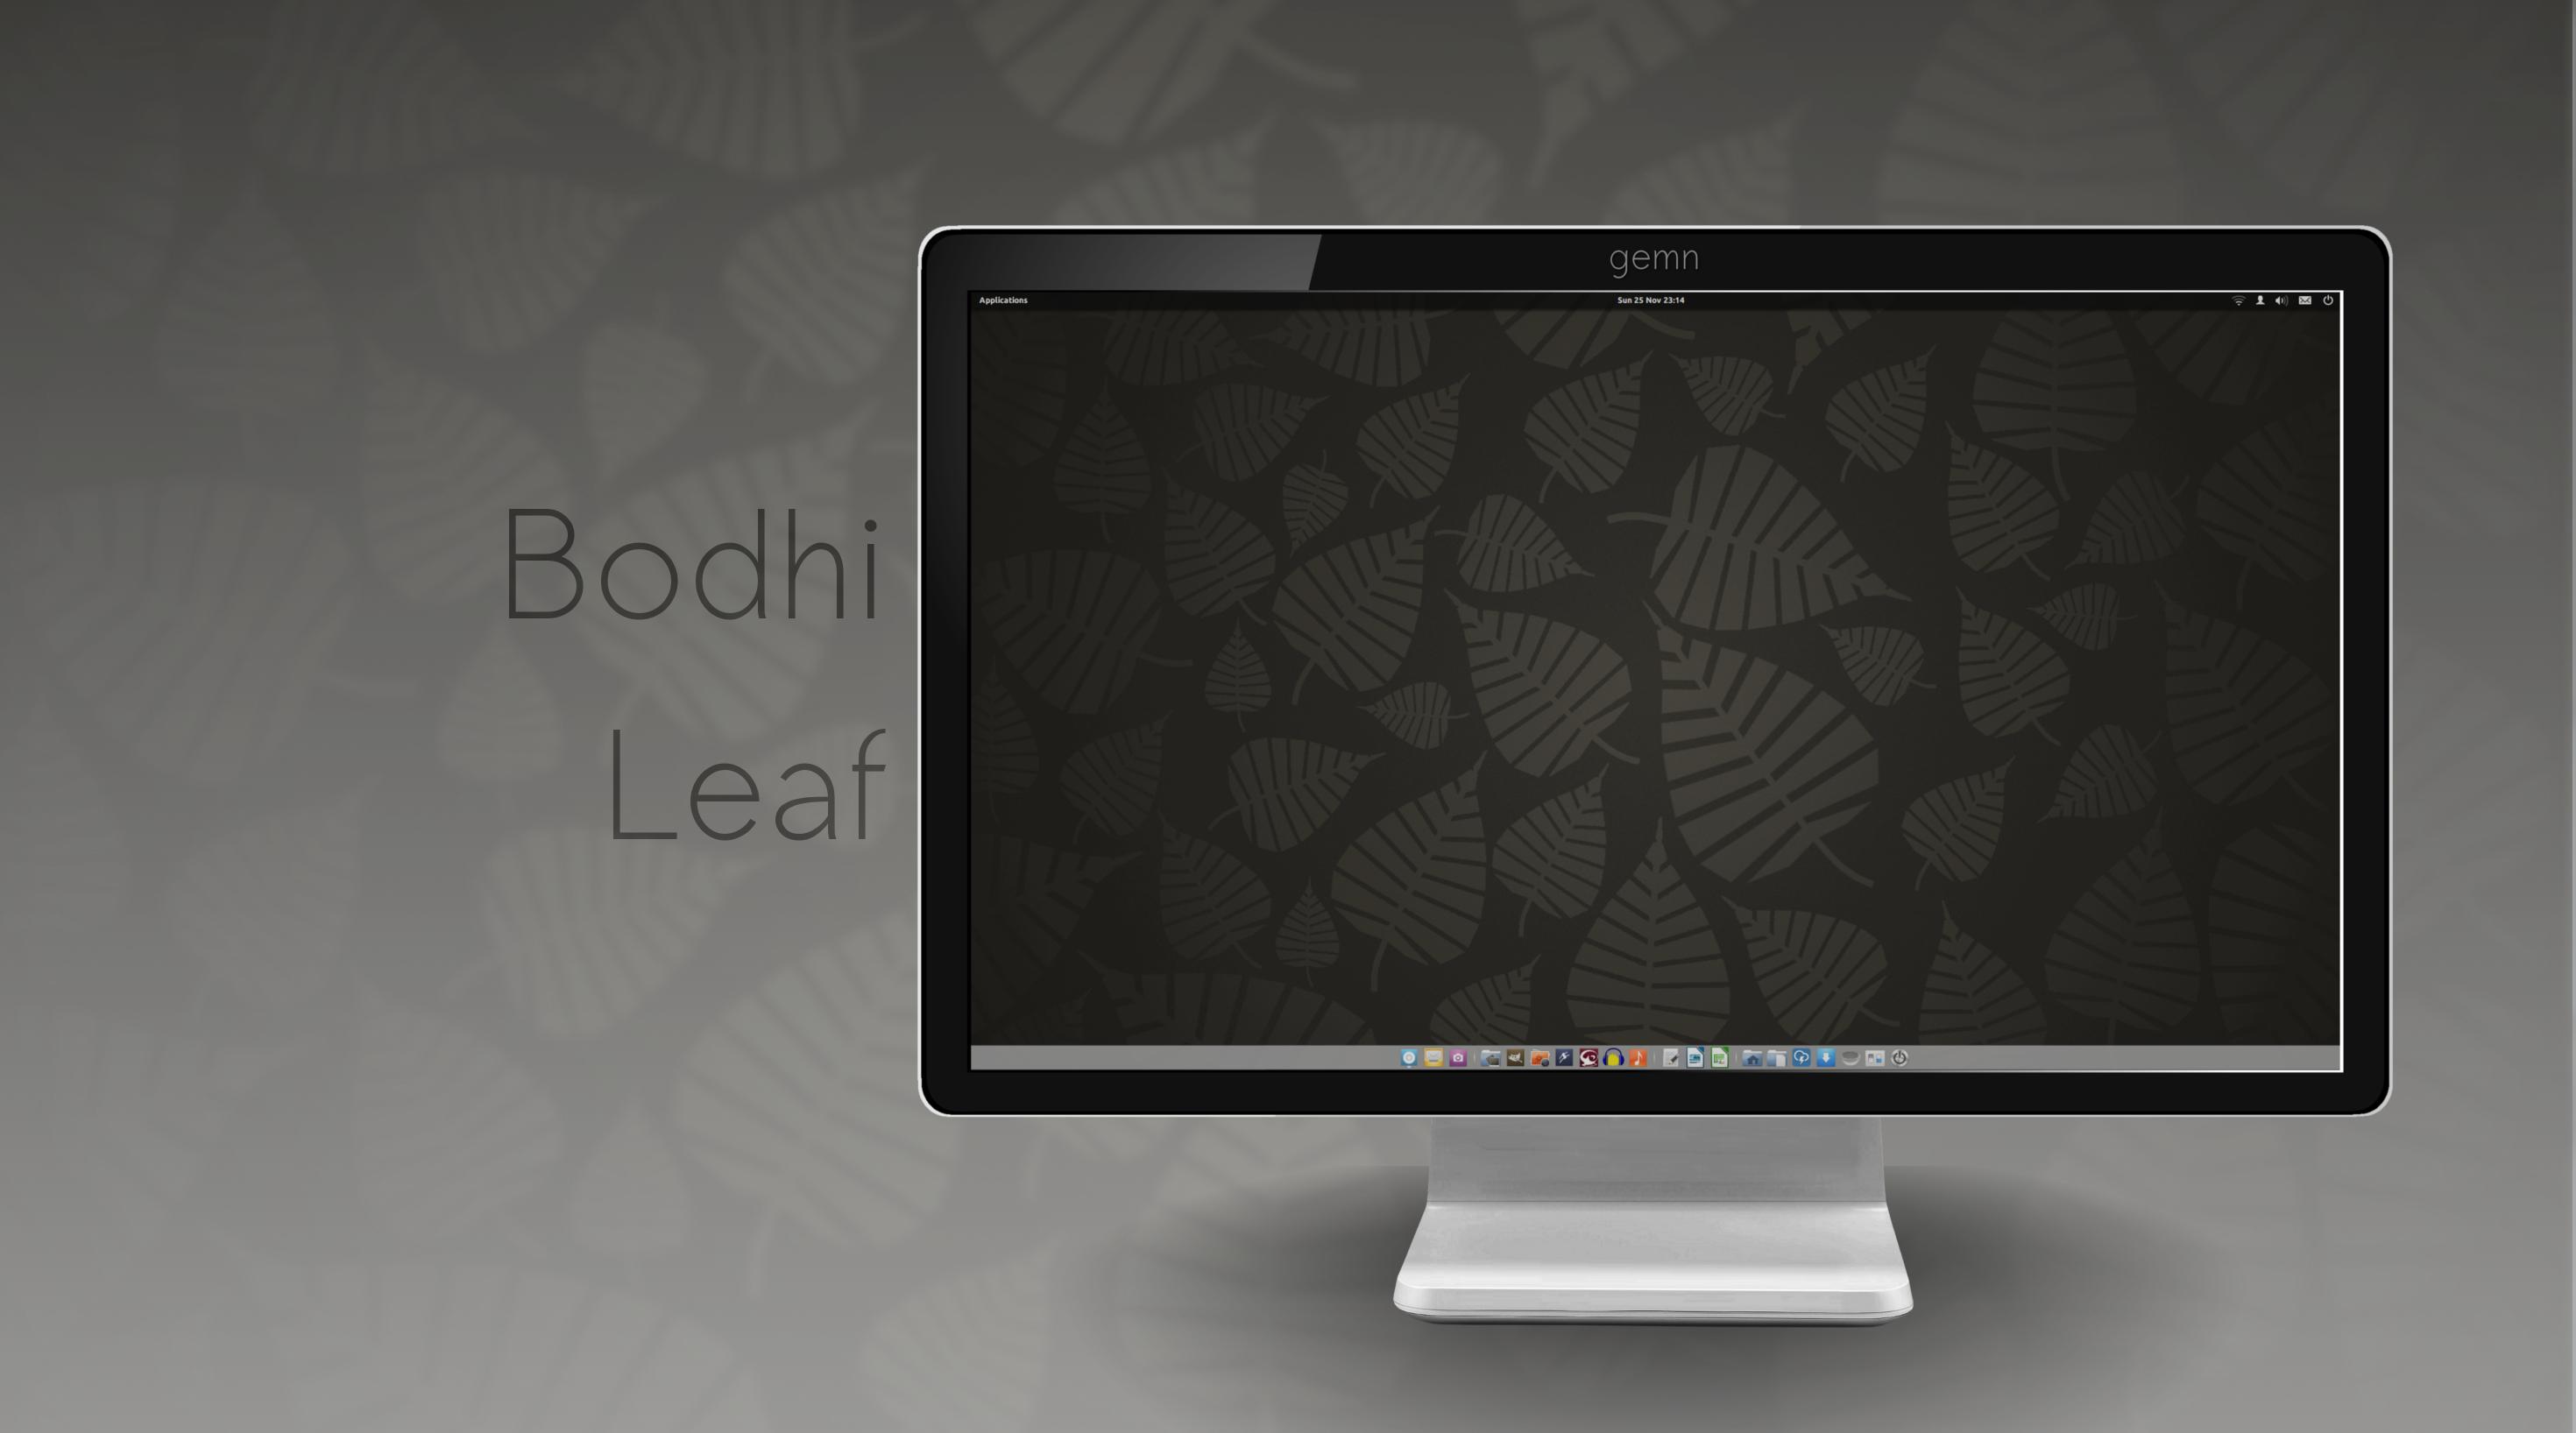 Bodhi Leaf Wallpaper by Gemneroth